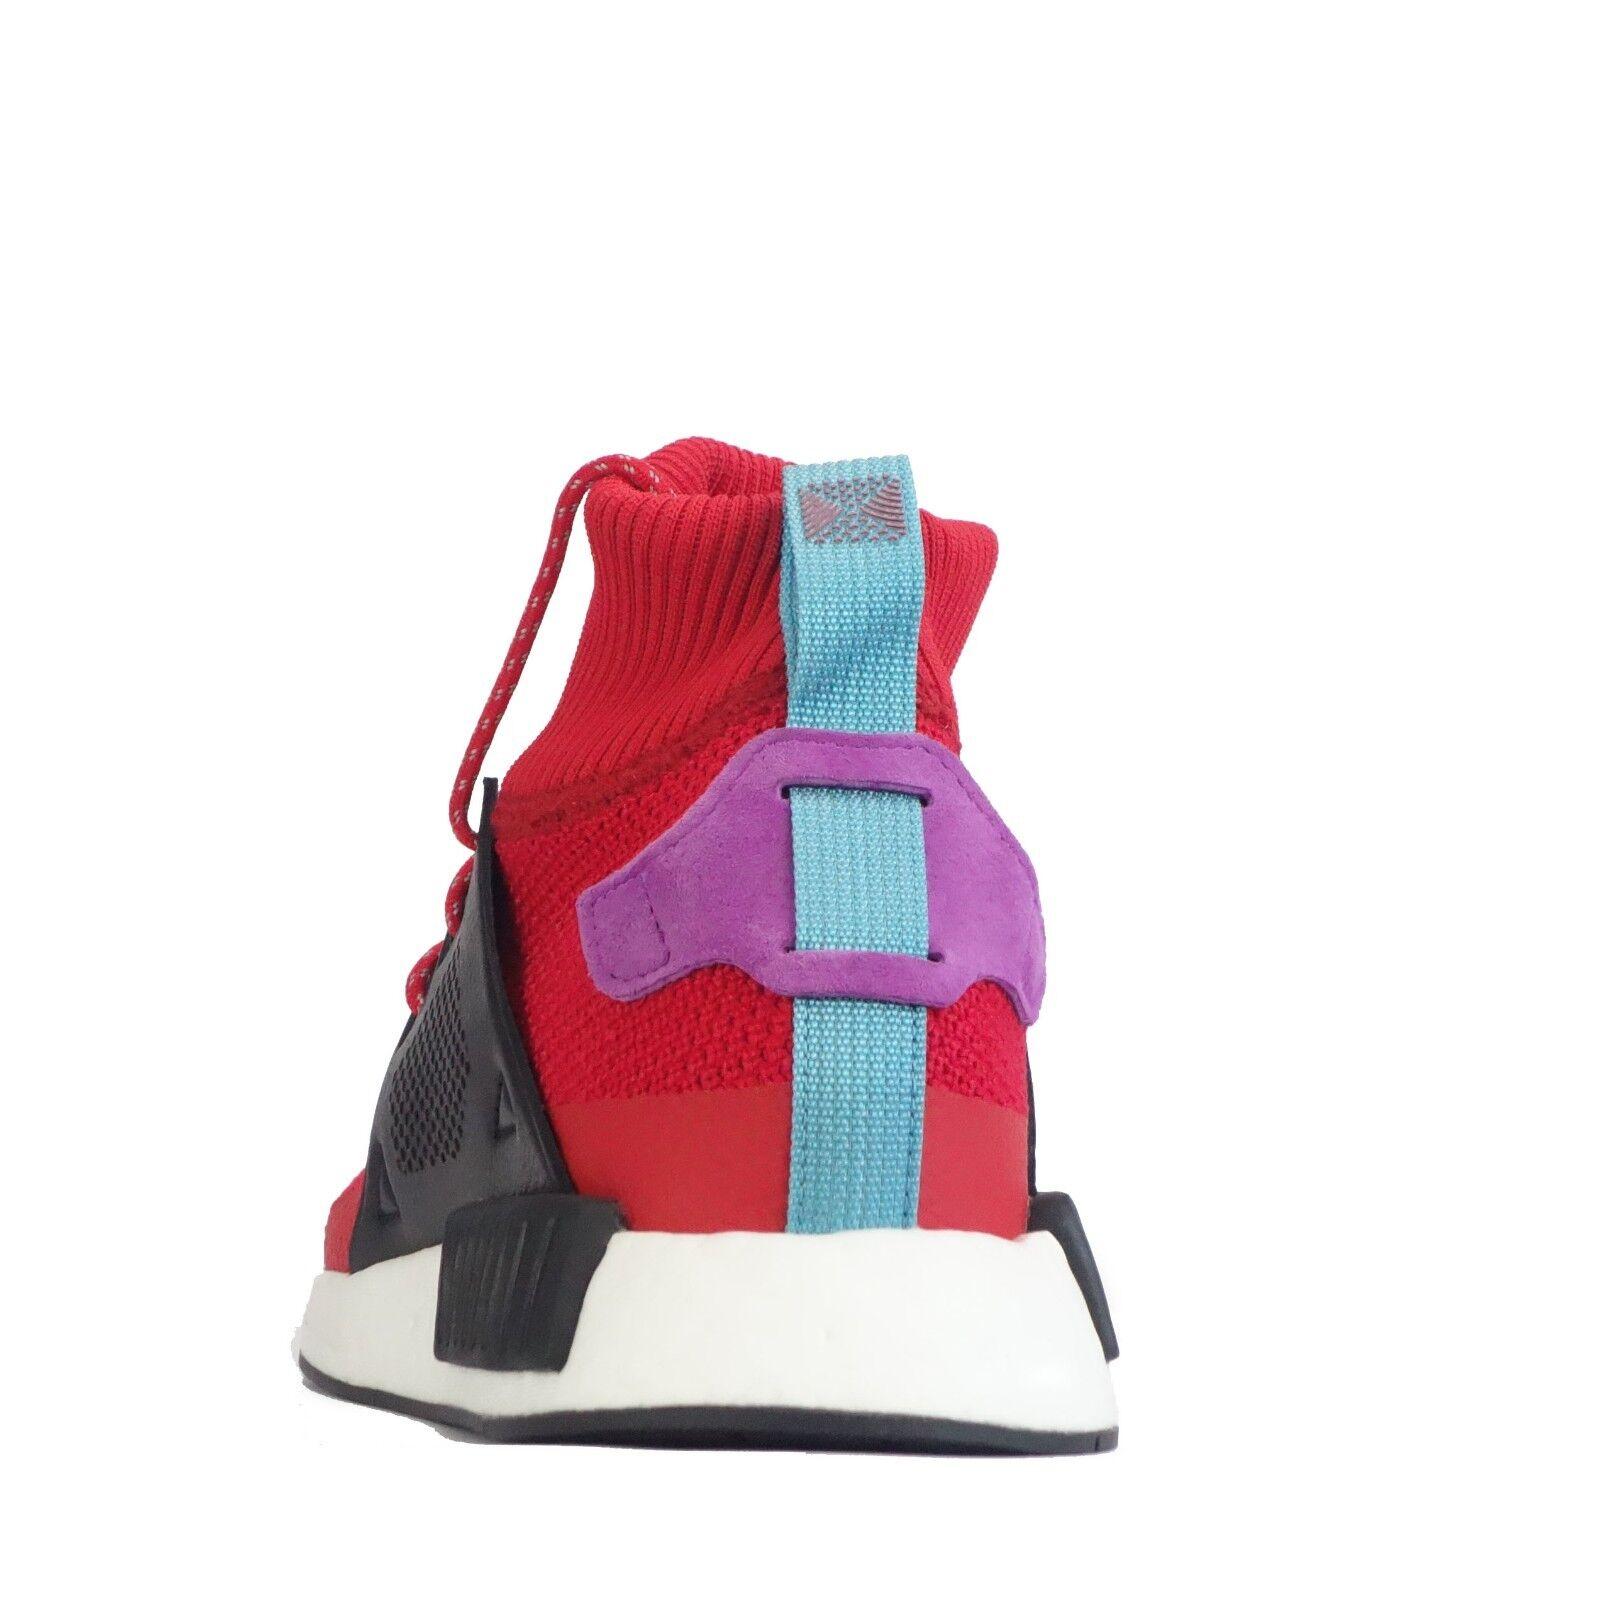 Adidas Hombre Originals NMD XR1 Invierno Zapatillas Hombre Adidas En Rojo 03cbfb